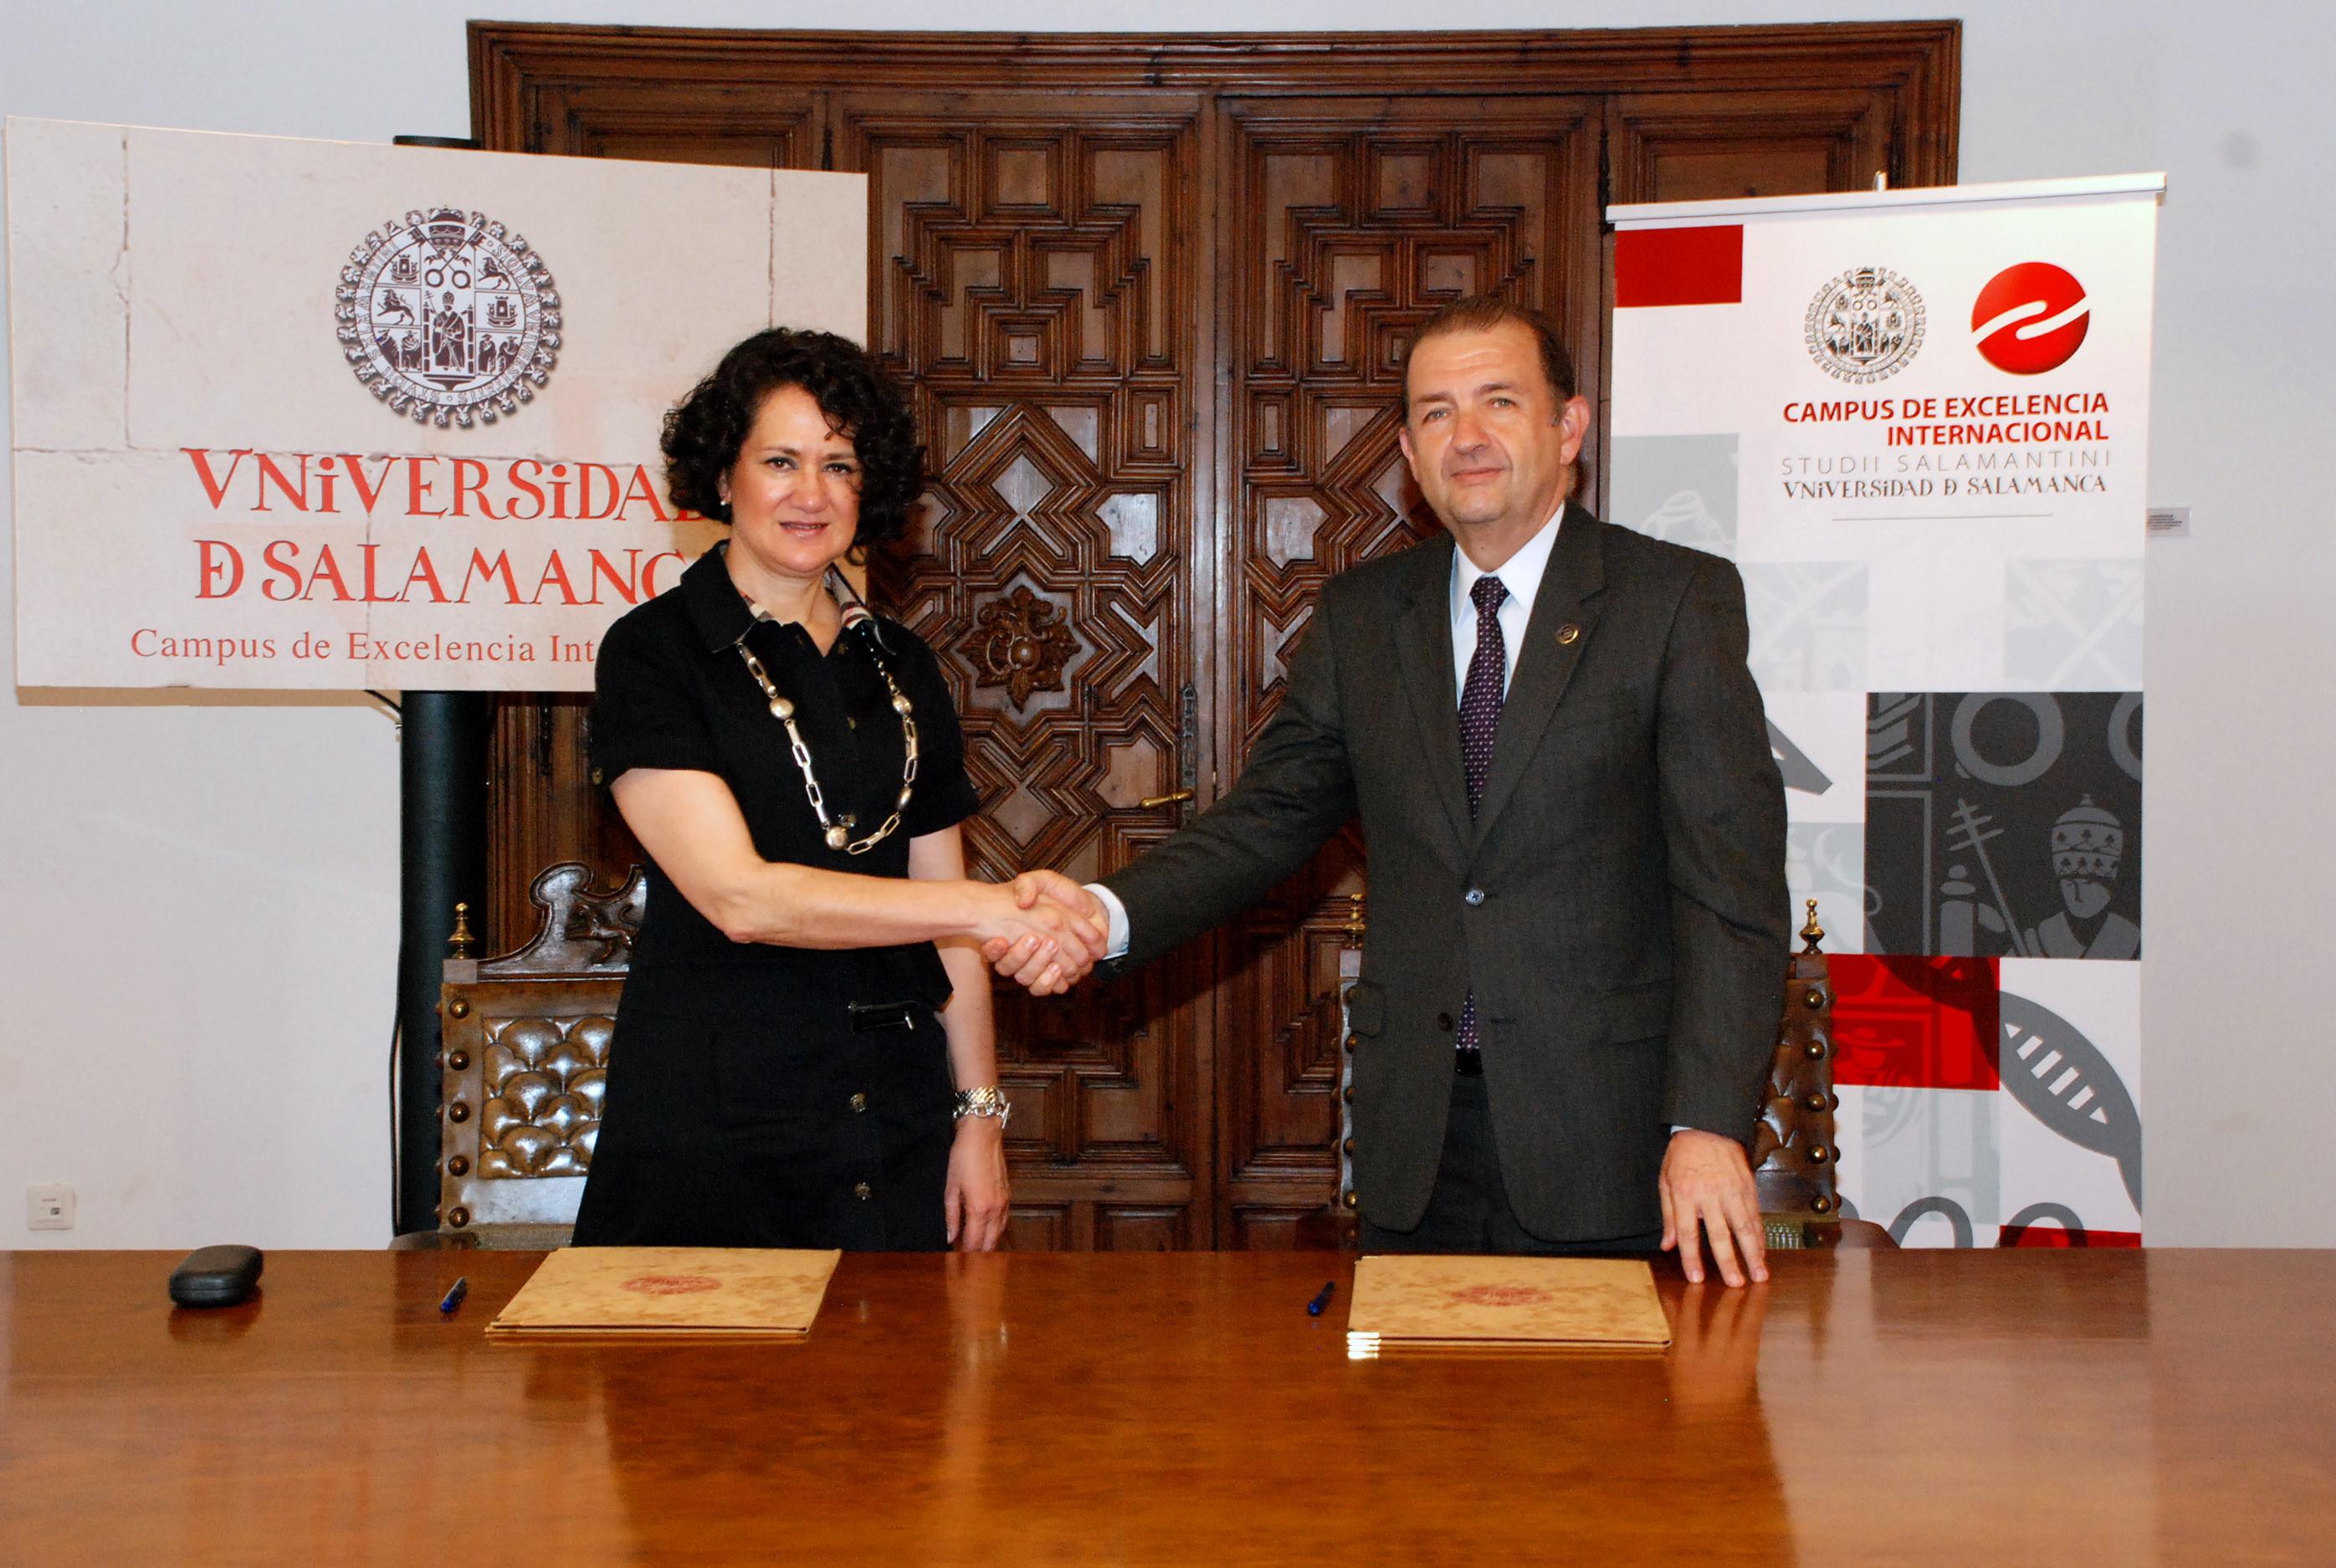 La Universidad de Salamanca y la Universidad CES de Colombia suscriben un convenio de colaboración